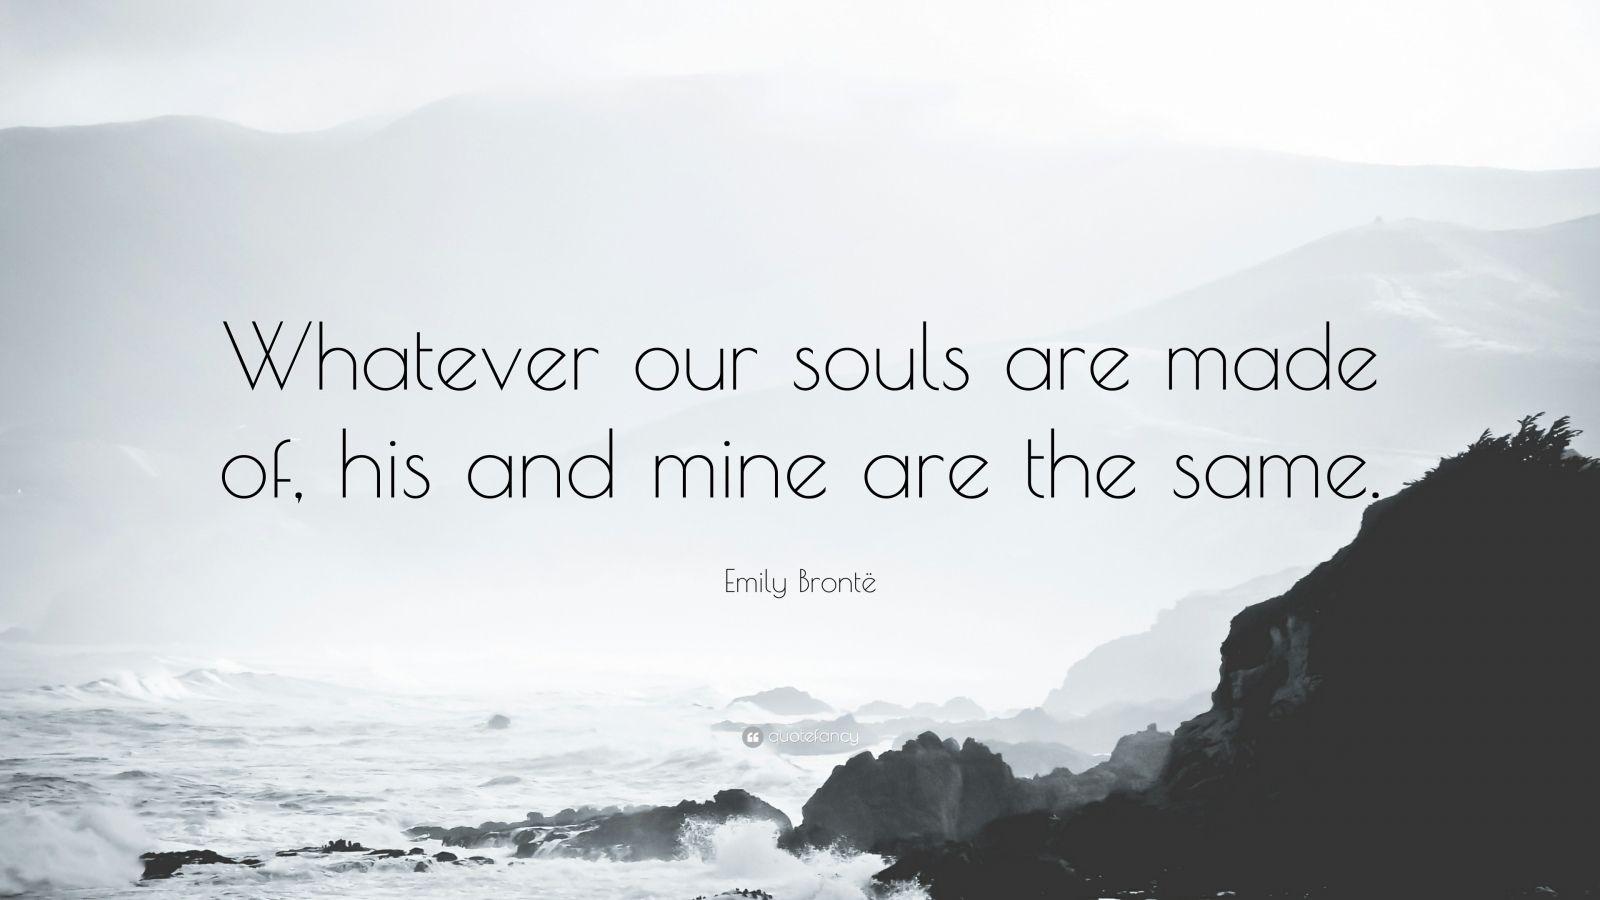 Emily Bronte Quotes Emily Brontë Quotes (100 wallpapers)   Quotefancy Emily Bronte Quotes